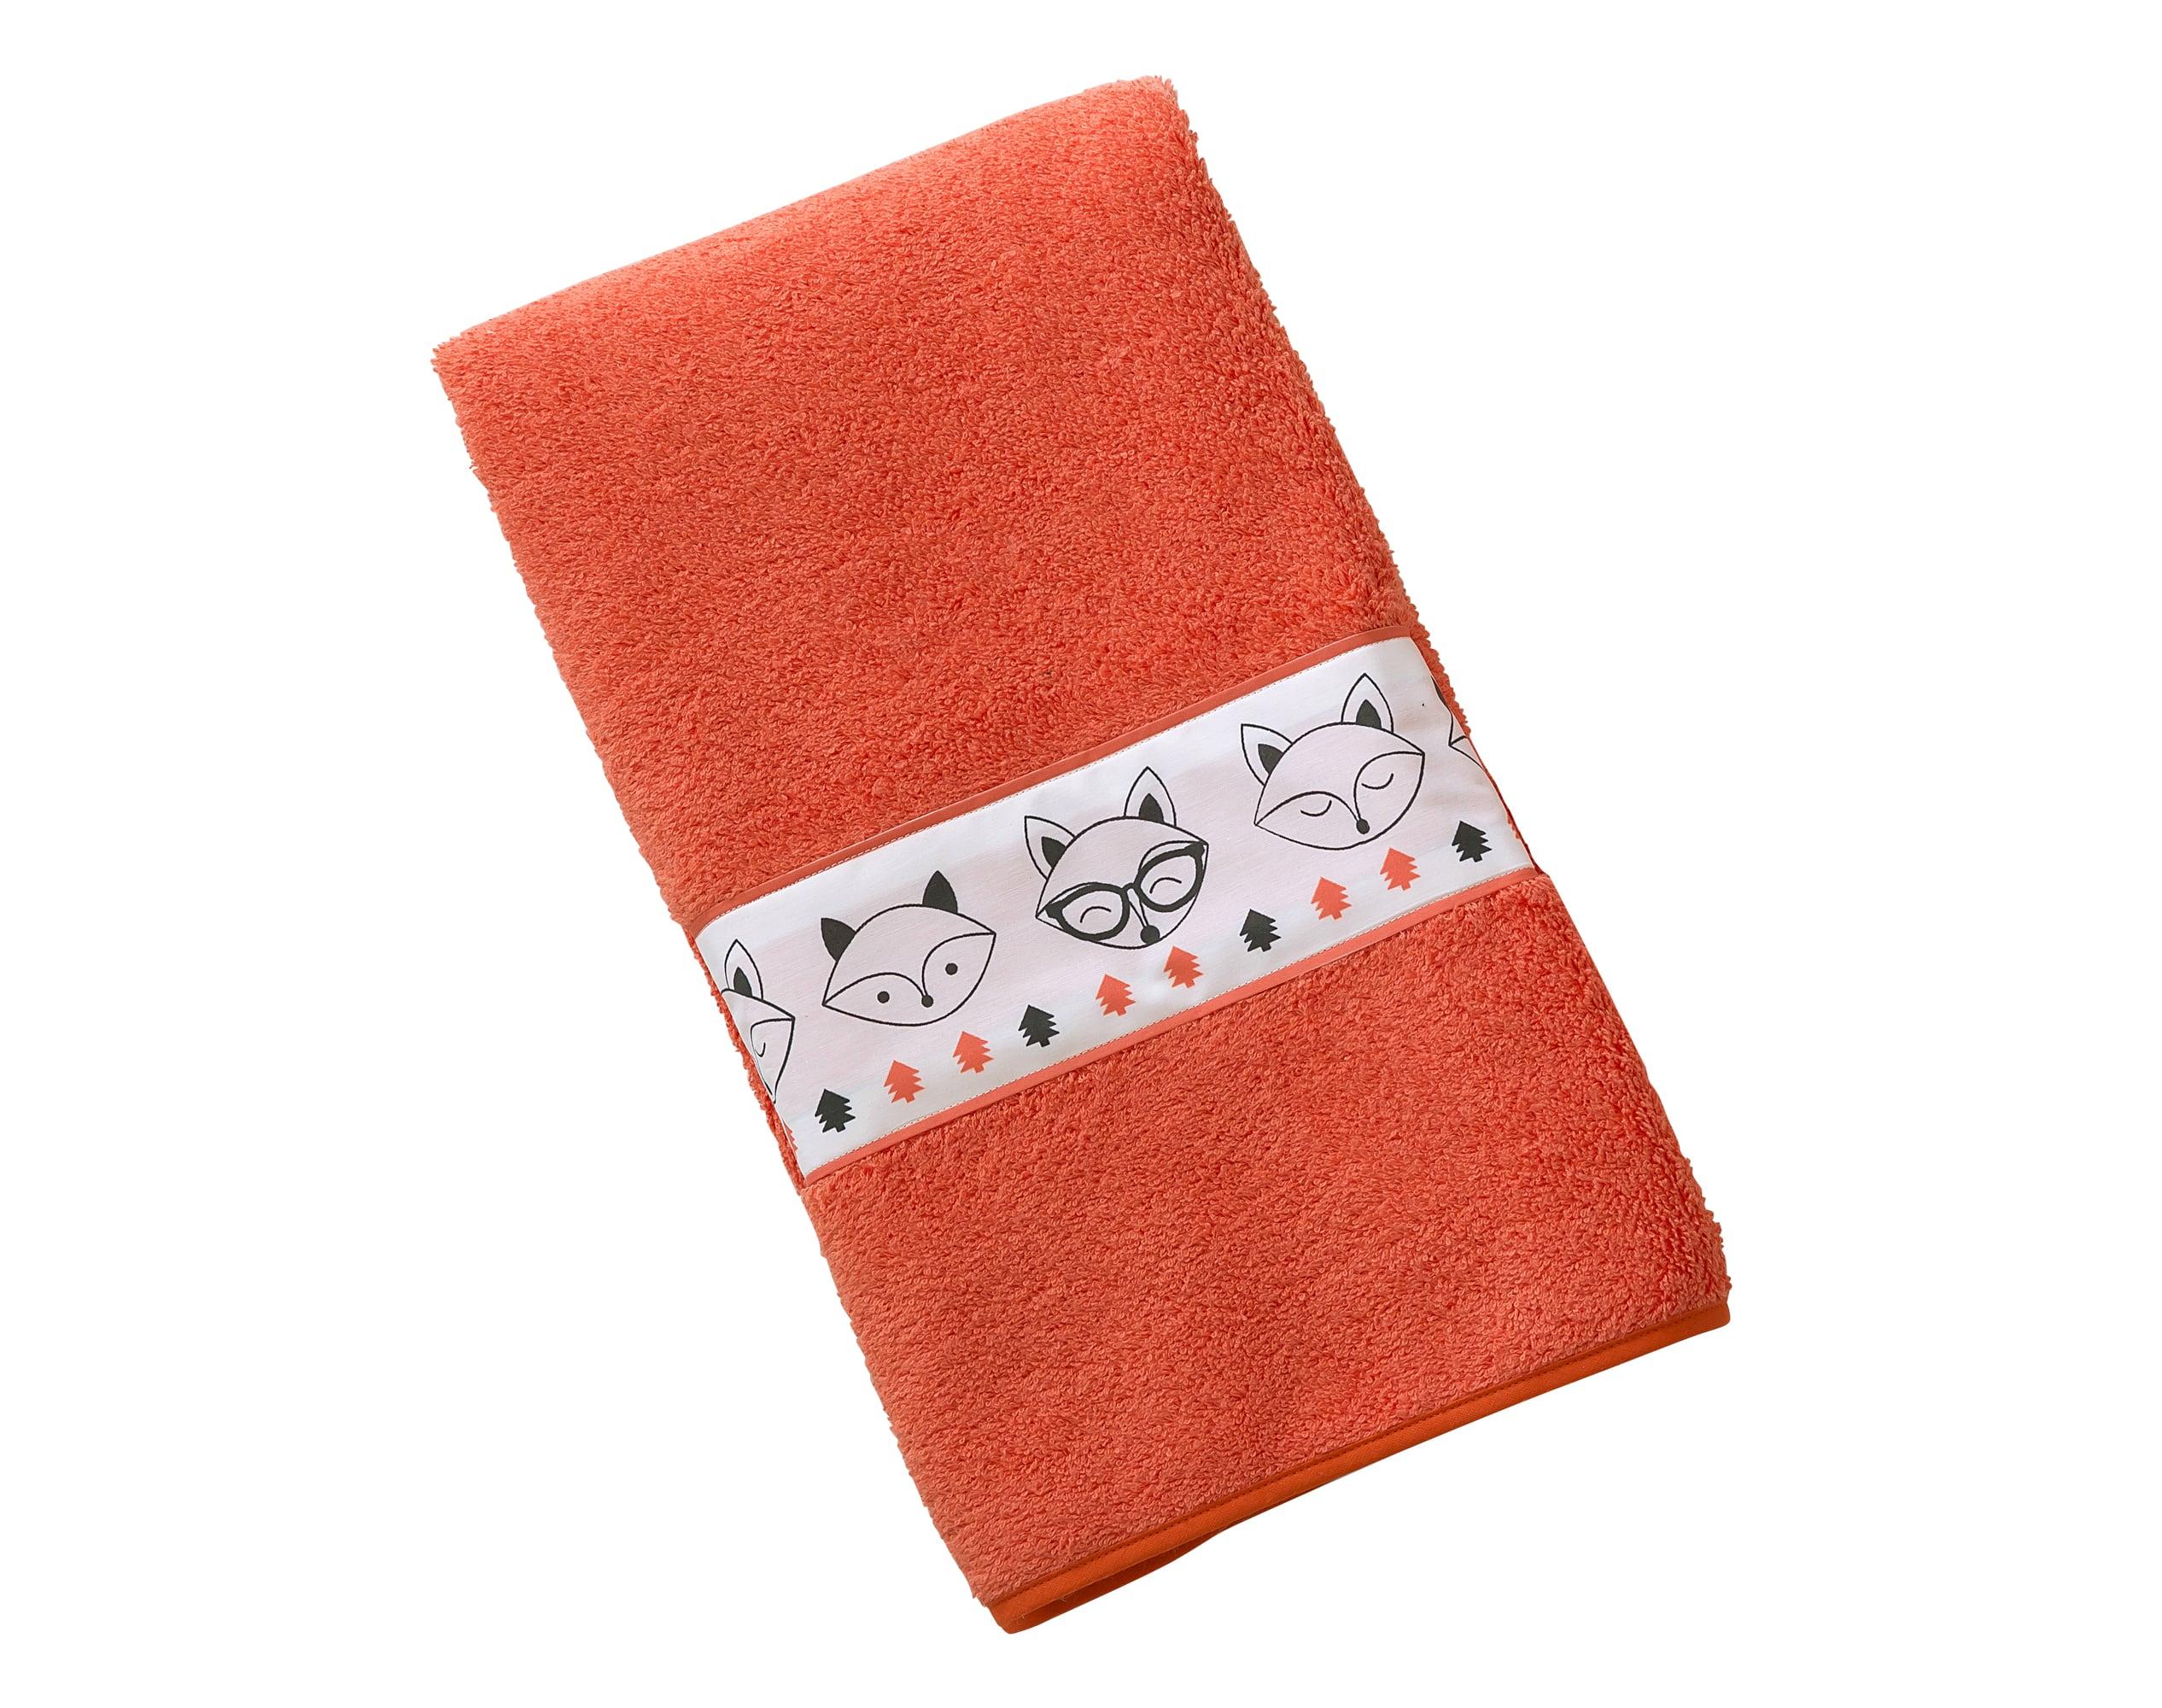 Serviette de bain enfant orange 70x130 en coton